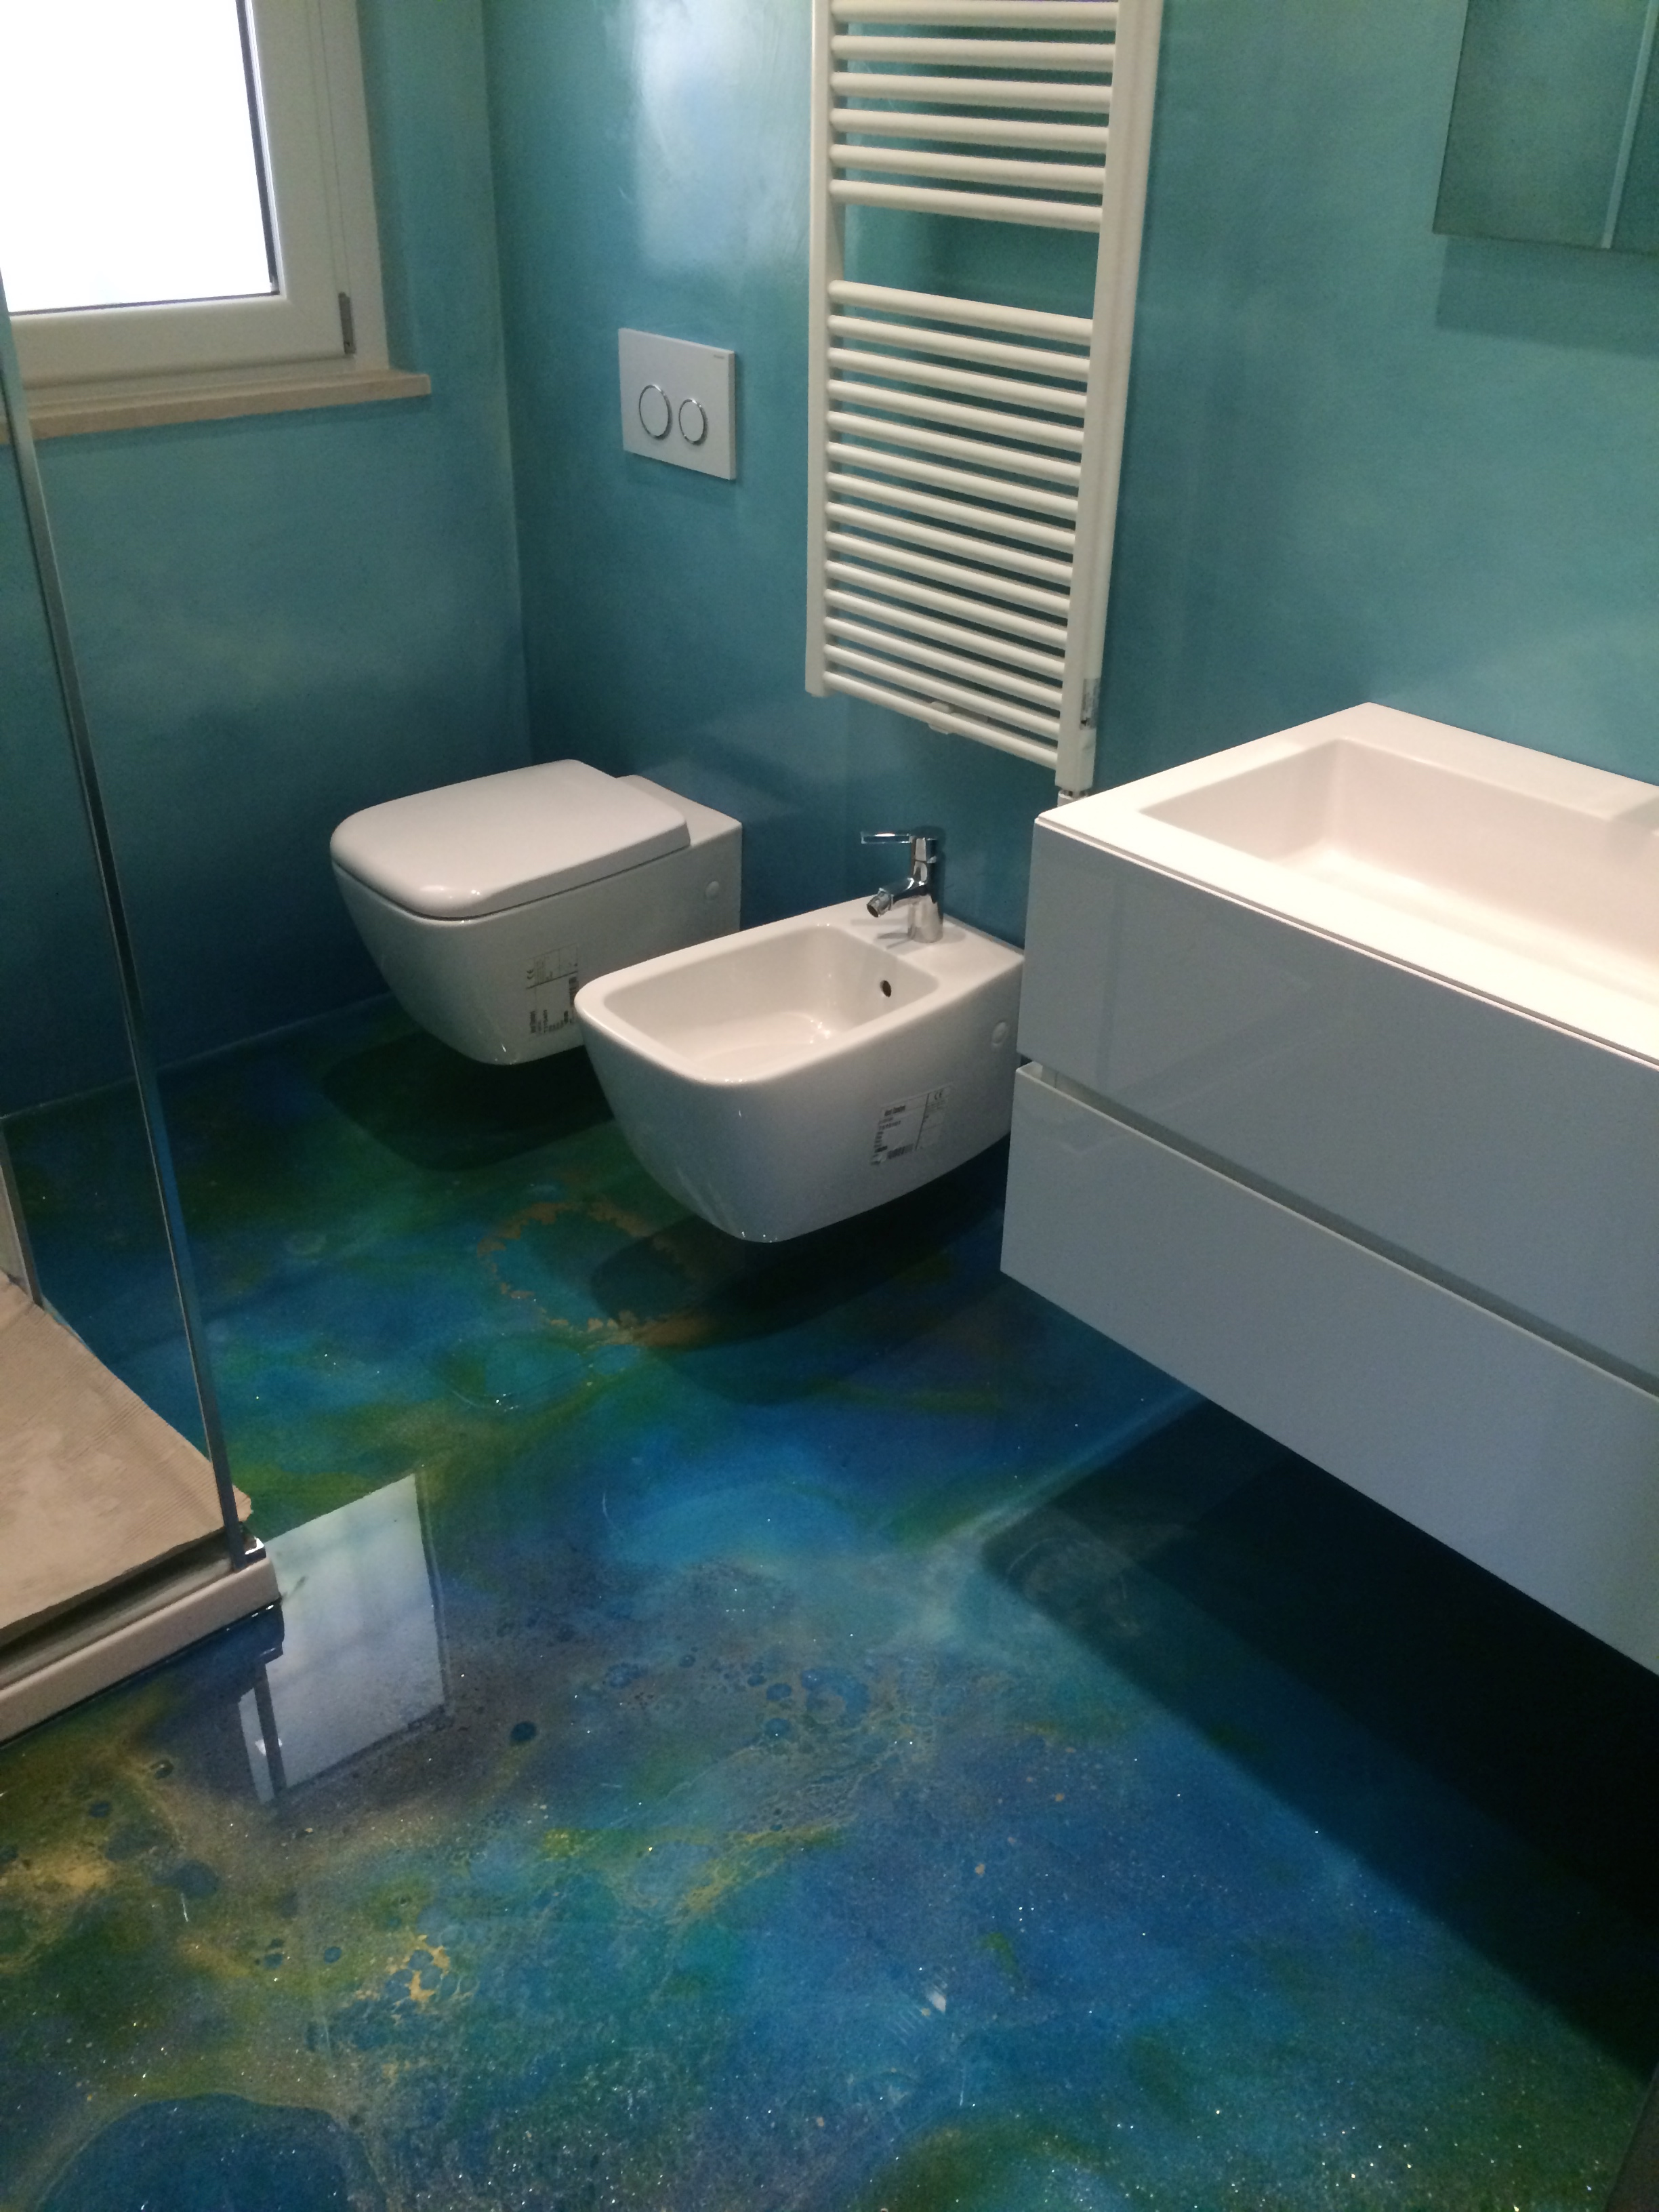 Pavimenti in resina immagini best abitazioni with pavimenti in resina immagini fabulous - Pavimenti bagno in resina ...